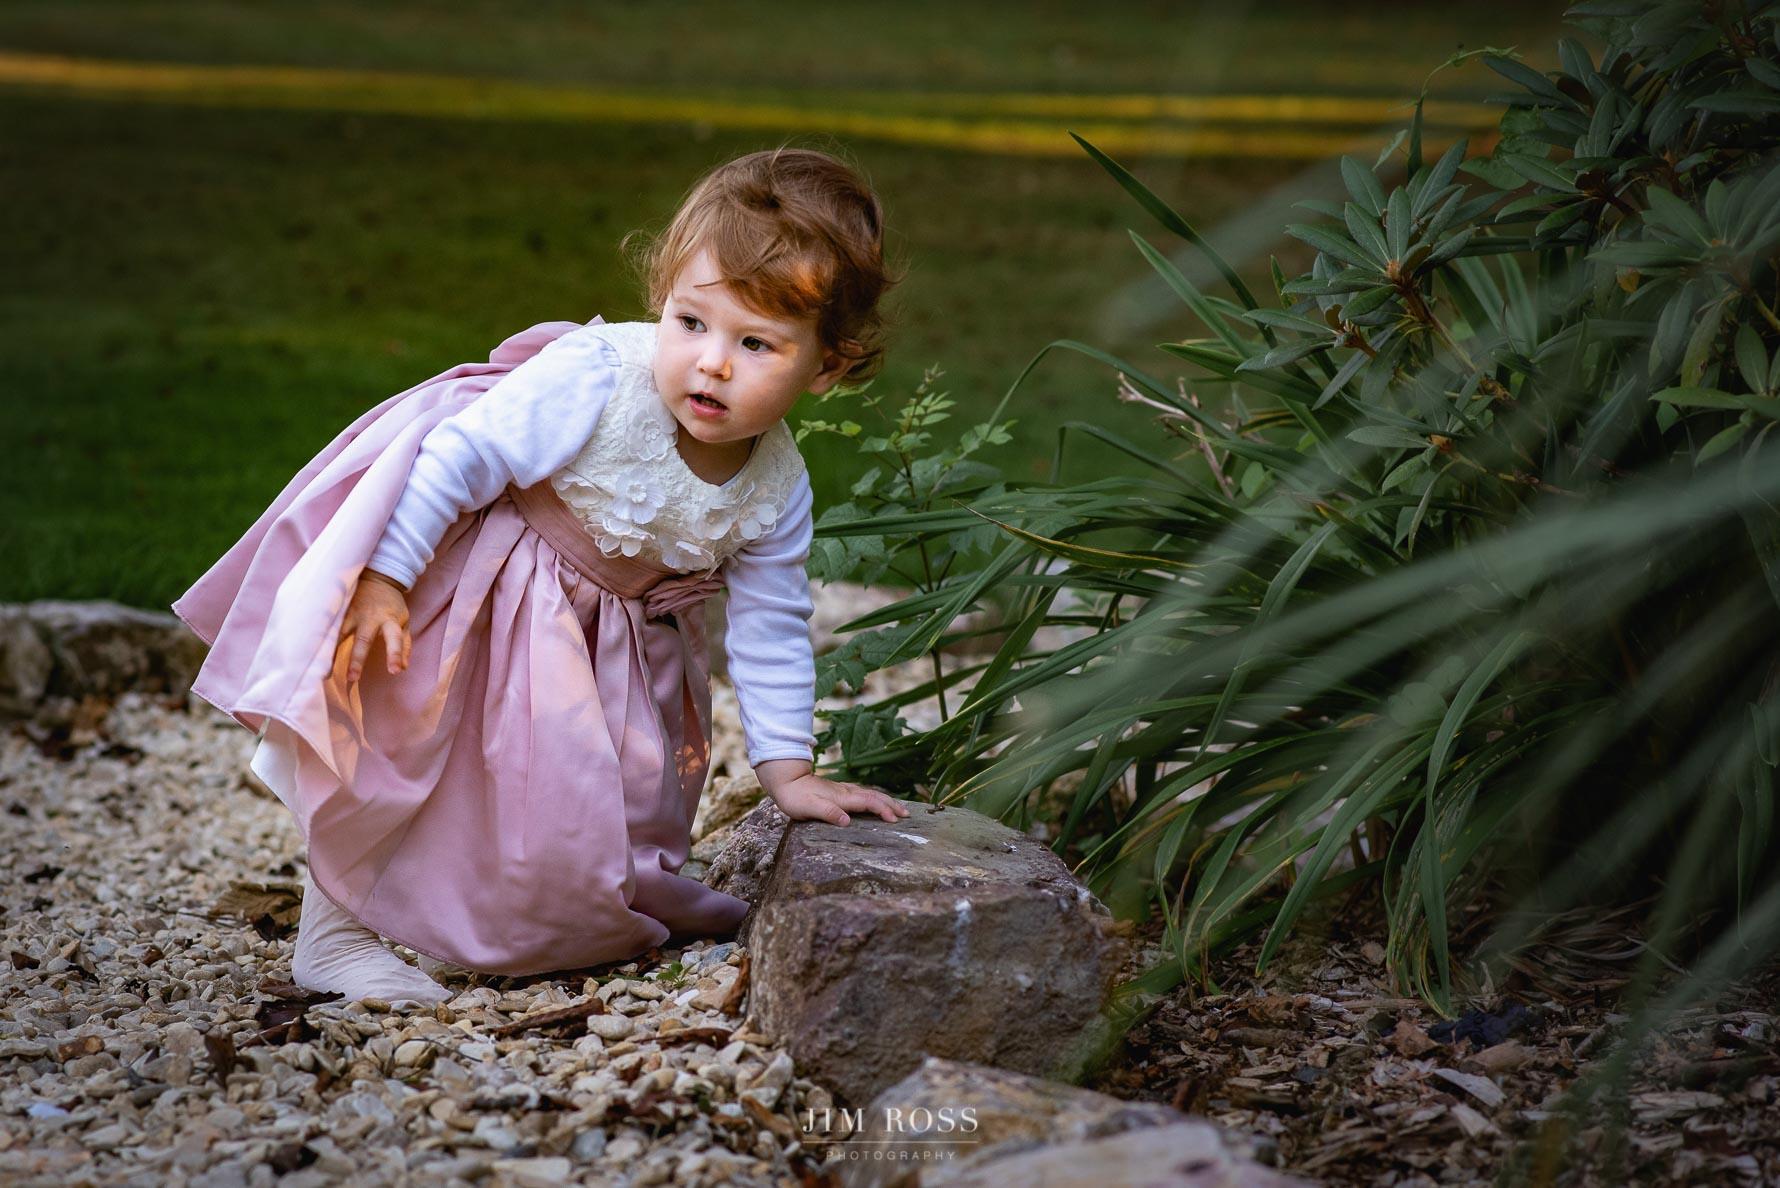 Toddler exploring Fairy Hill gardens